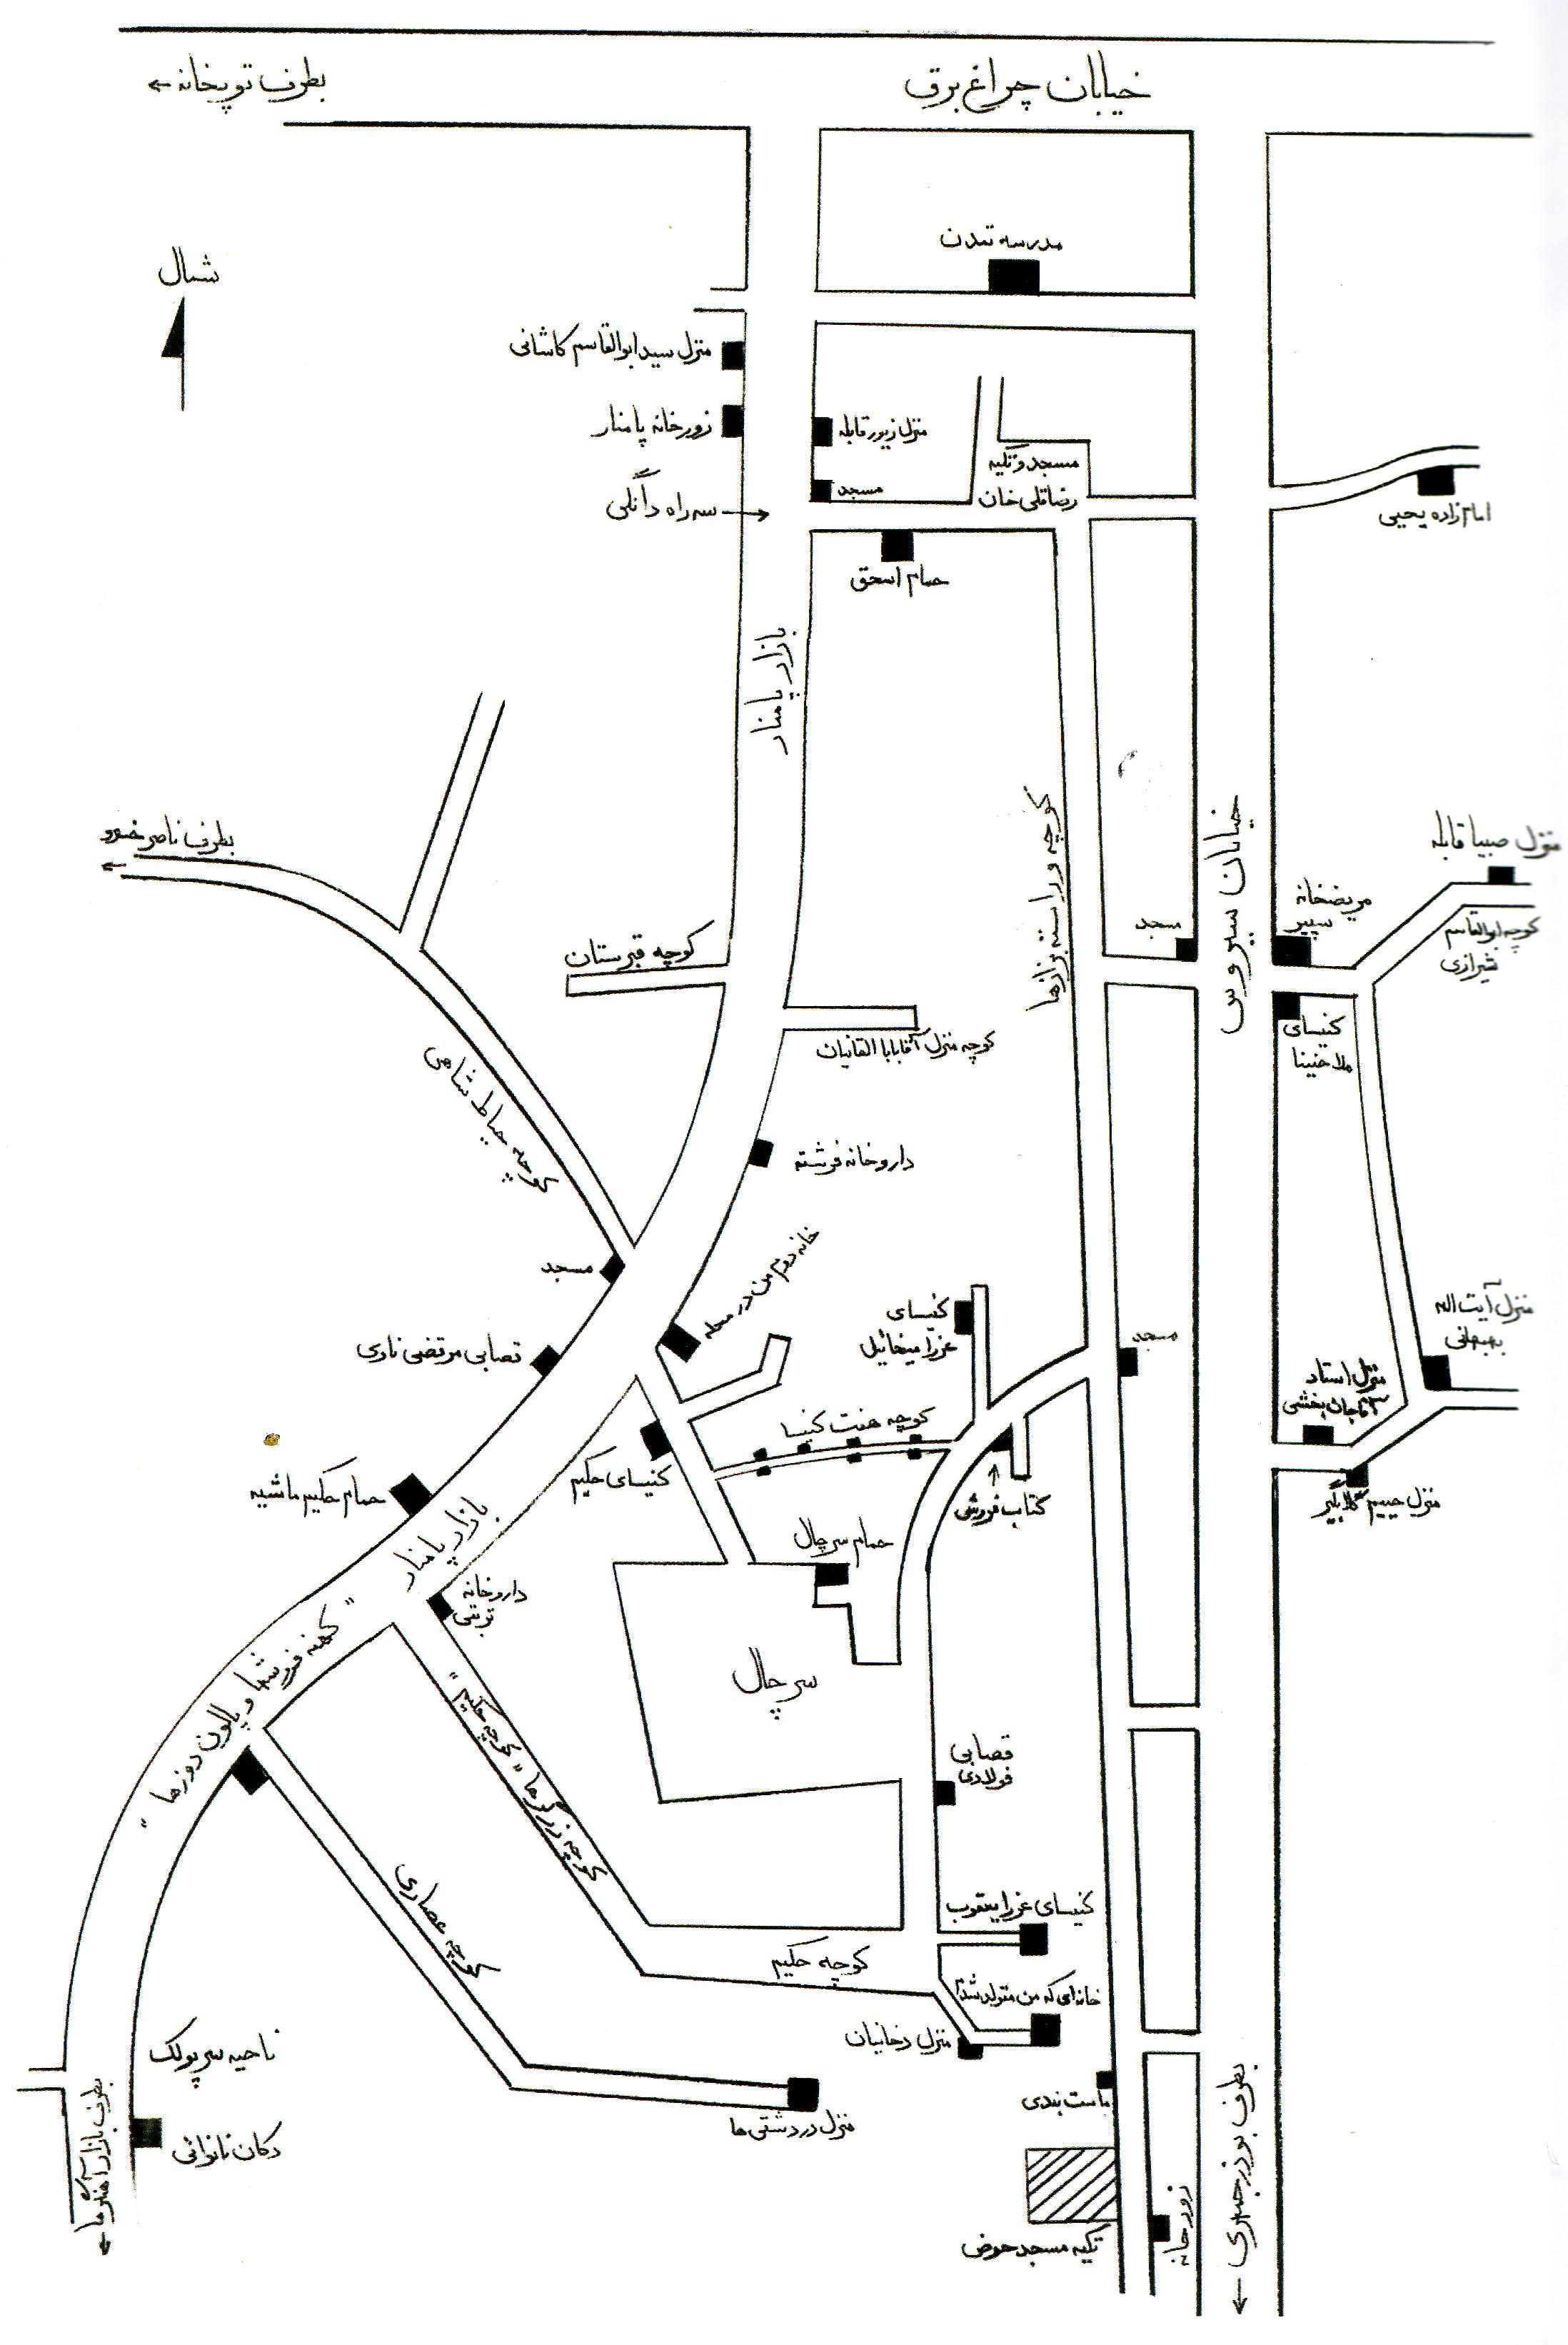 Bing Translator English To Farsi | Wiring Diagram Database